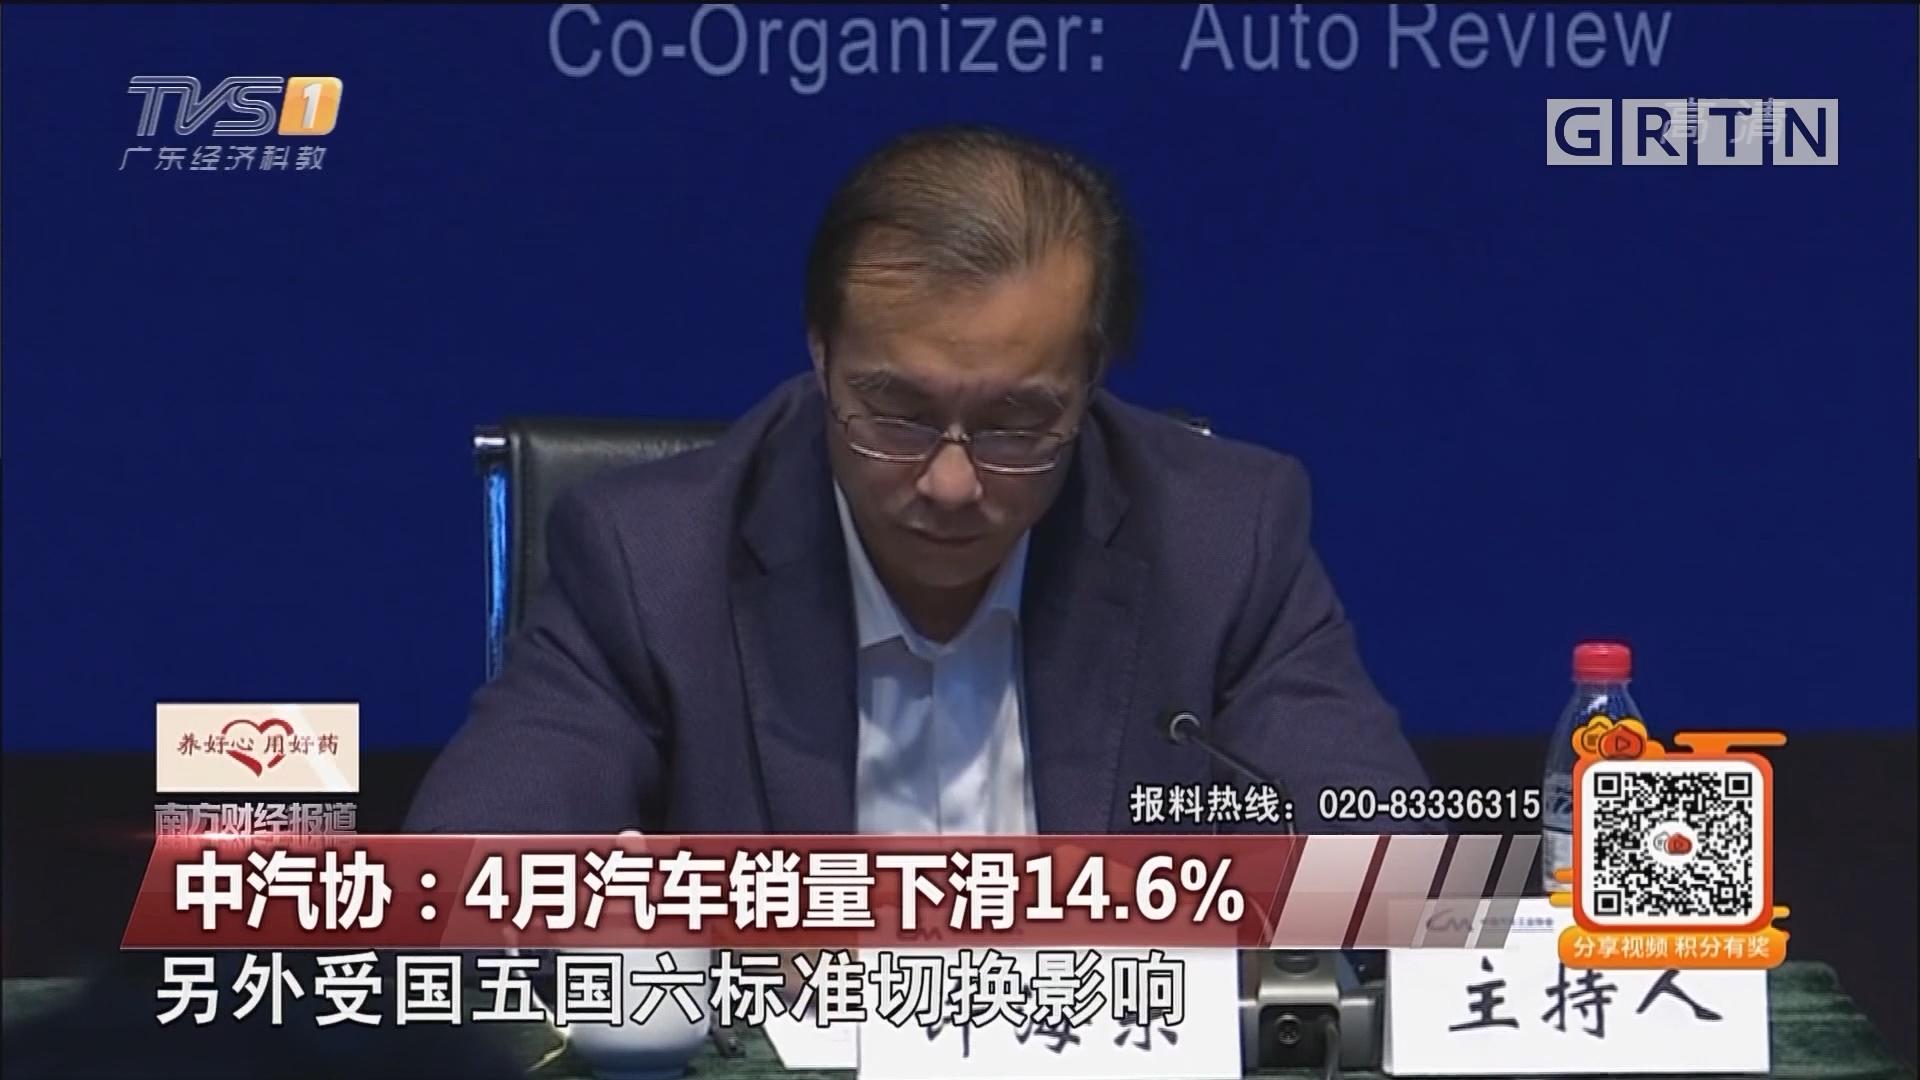 中汽协:4月汽车销量下滑14.6%